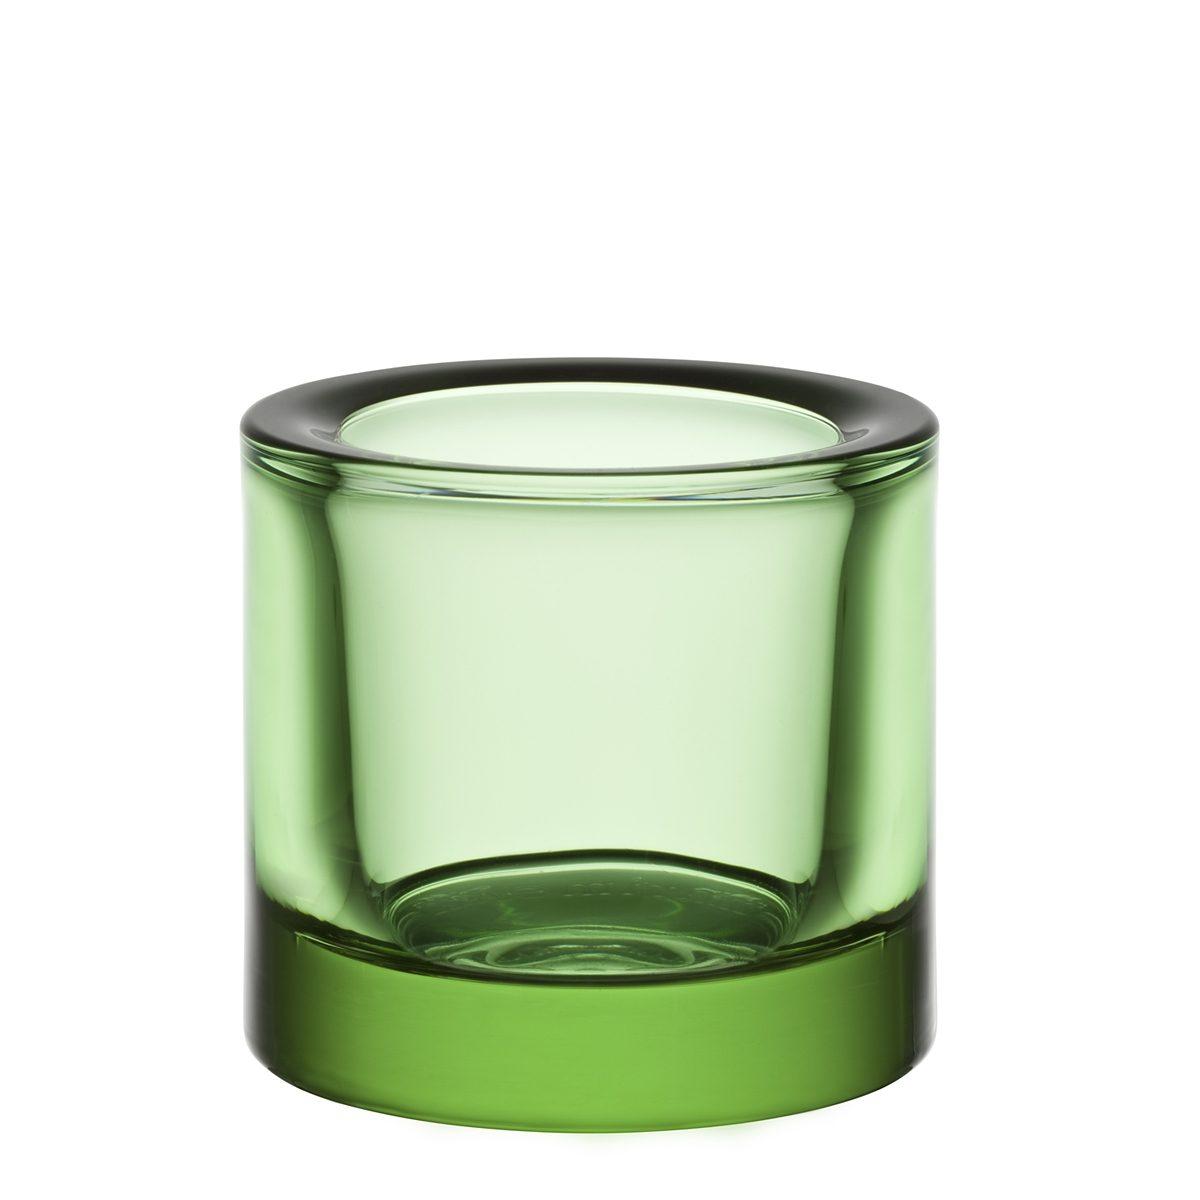 IITTALA Iittala Teelichthalter KIVI apfelgrün 6cm